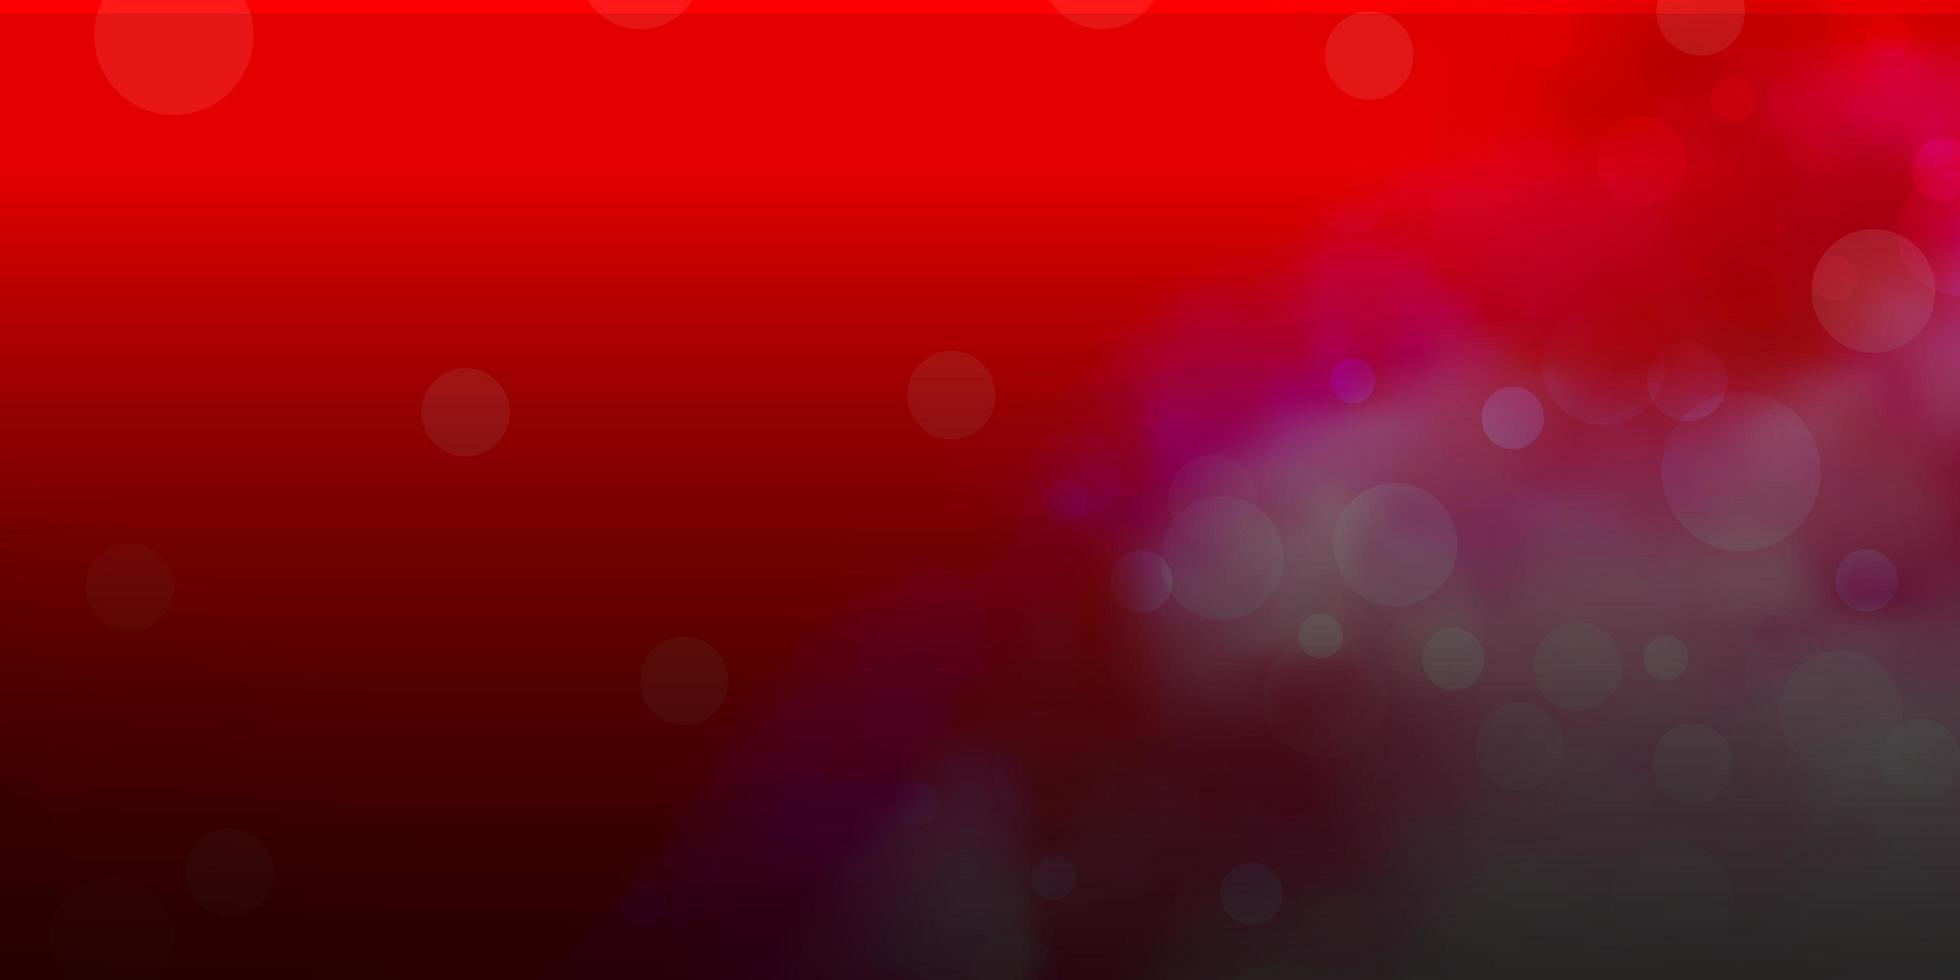 modèle vectoriel rouge clair avec des sphères.